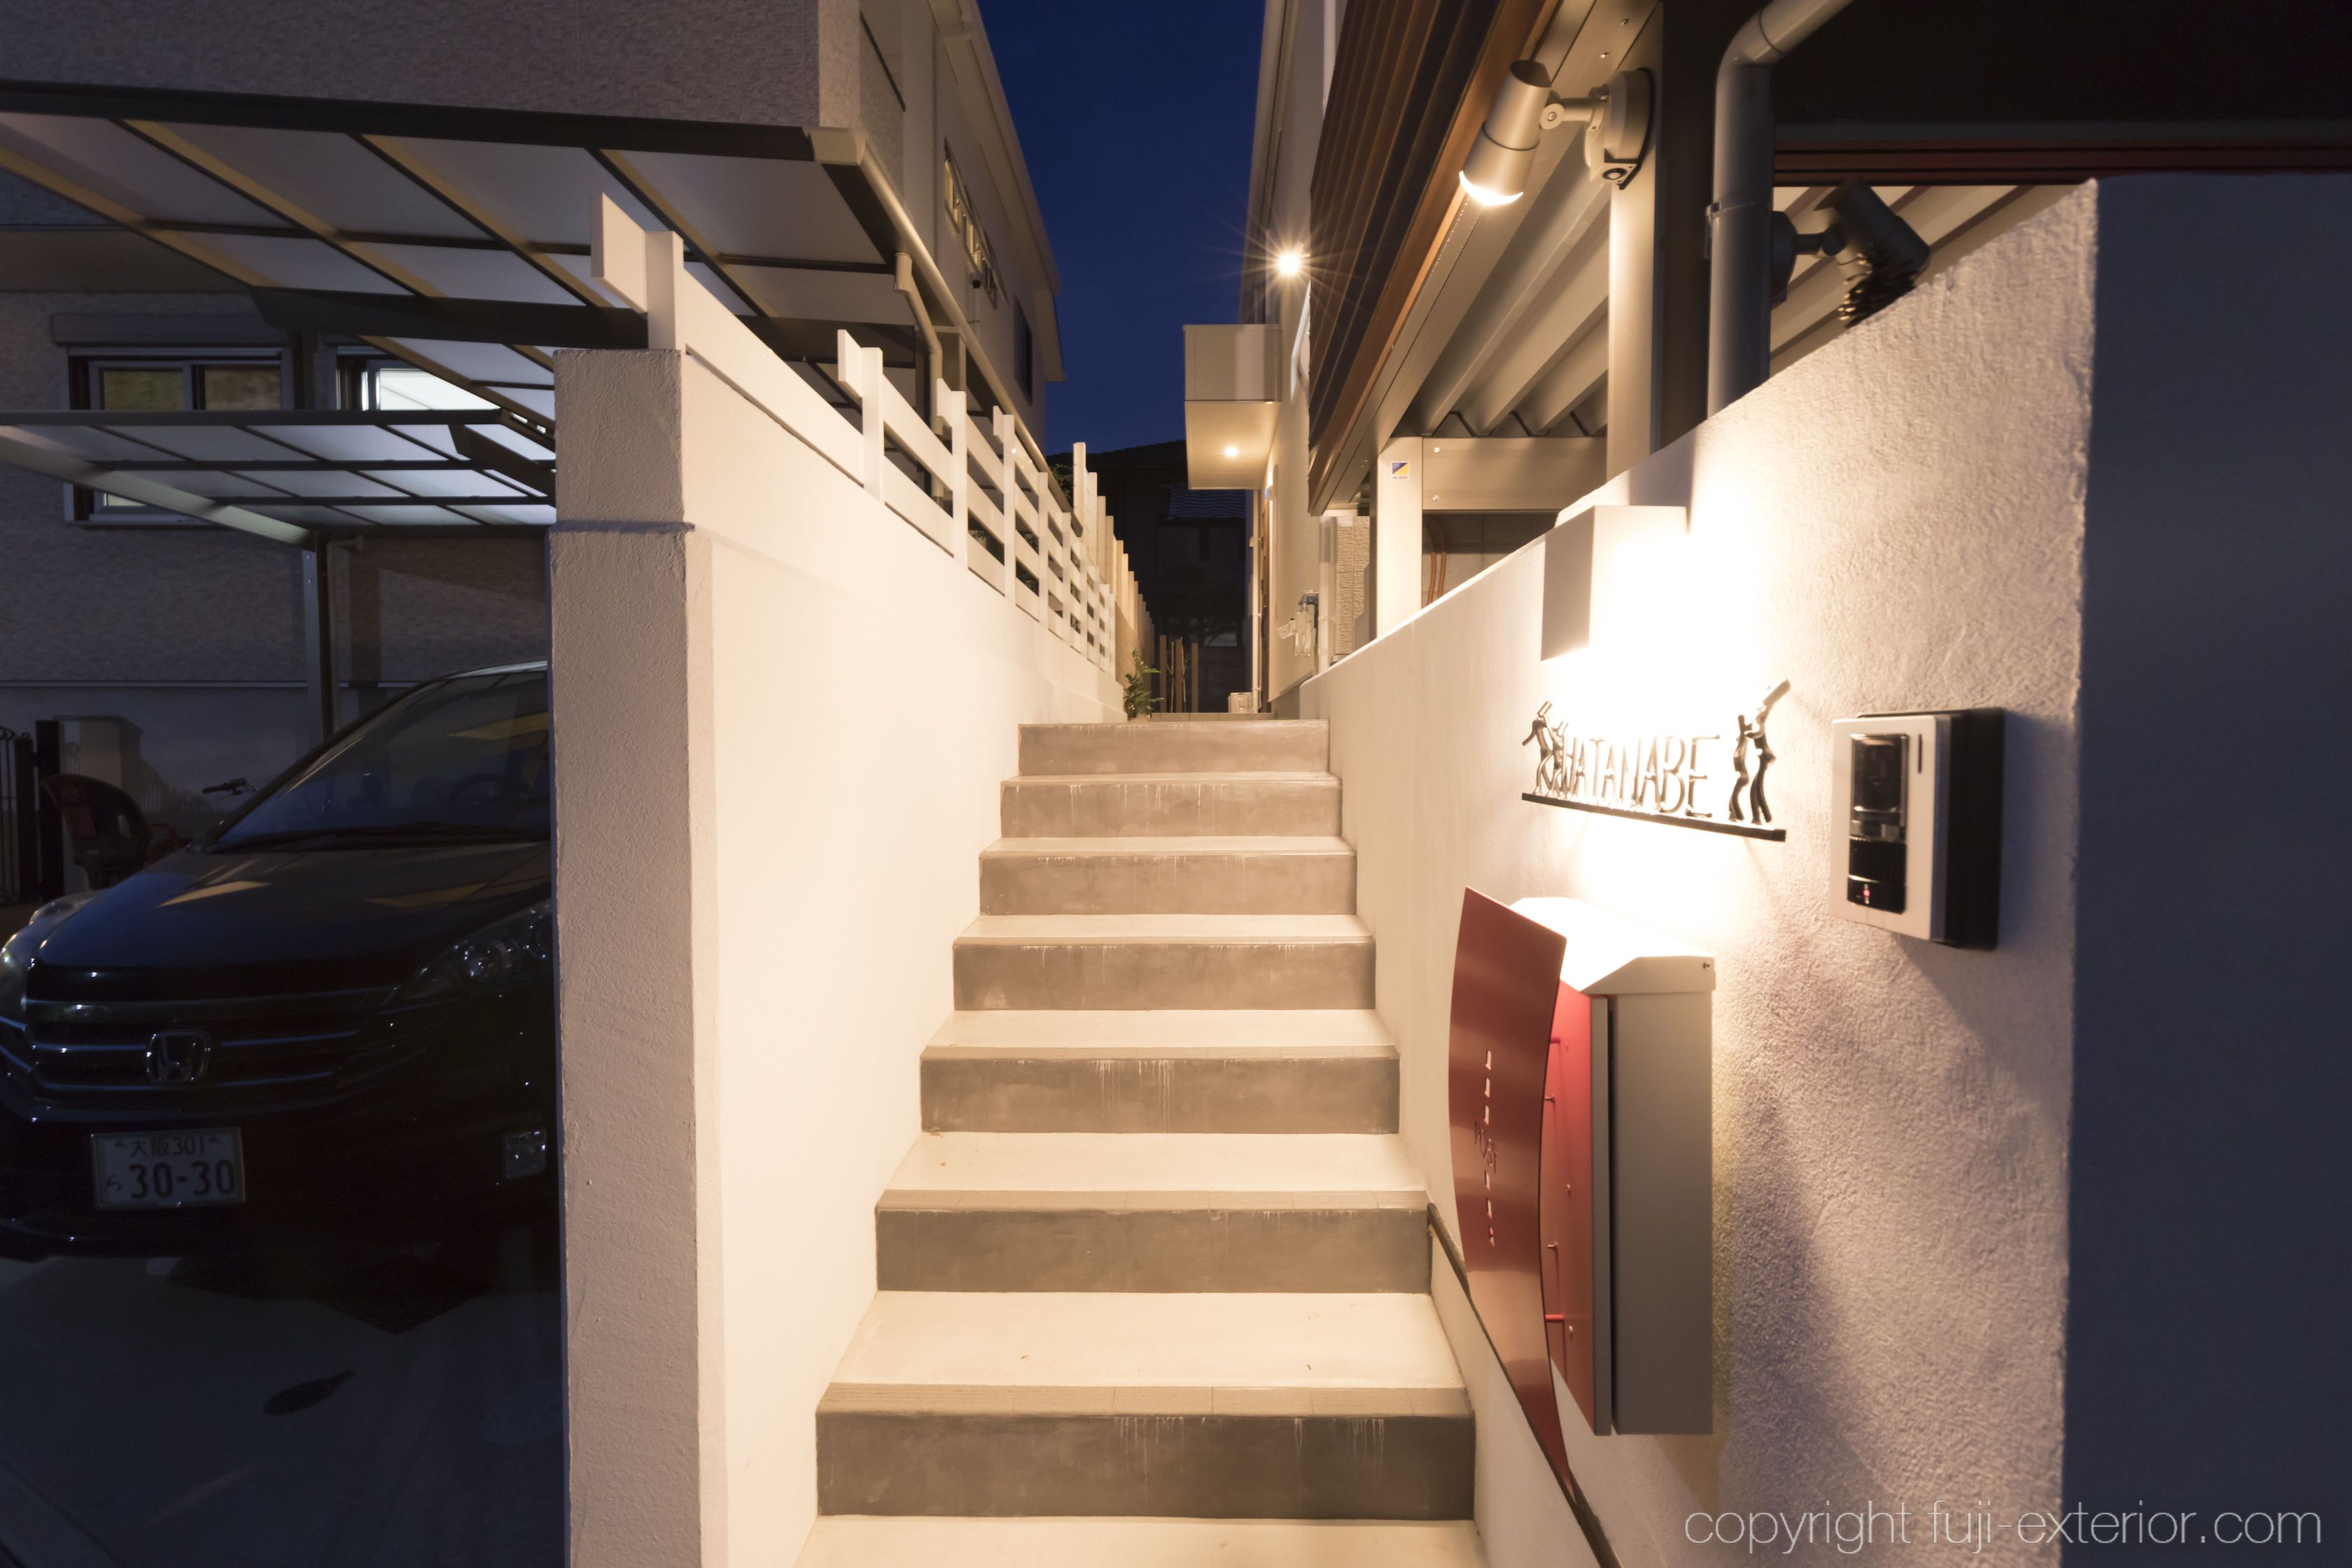 アプローチ 階段 玄関灯 ライト 照明